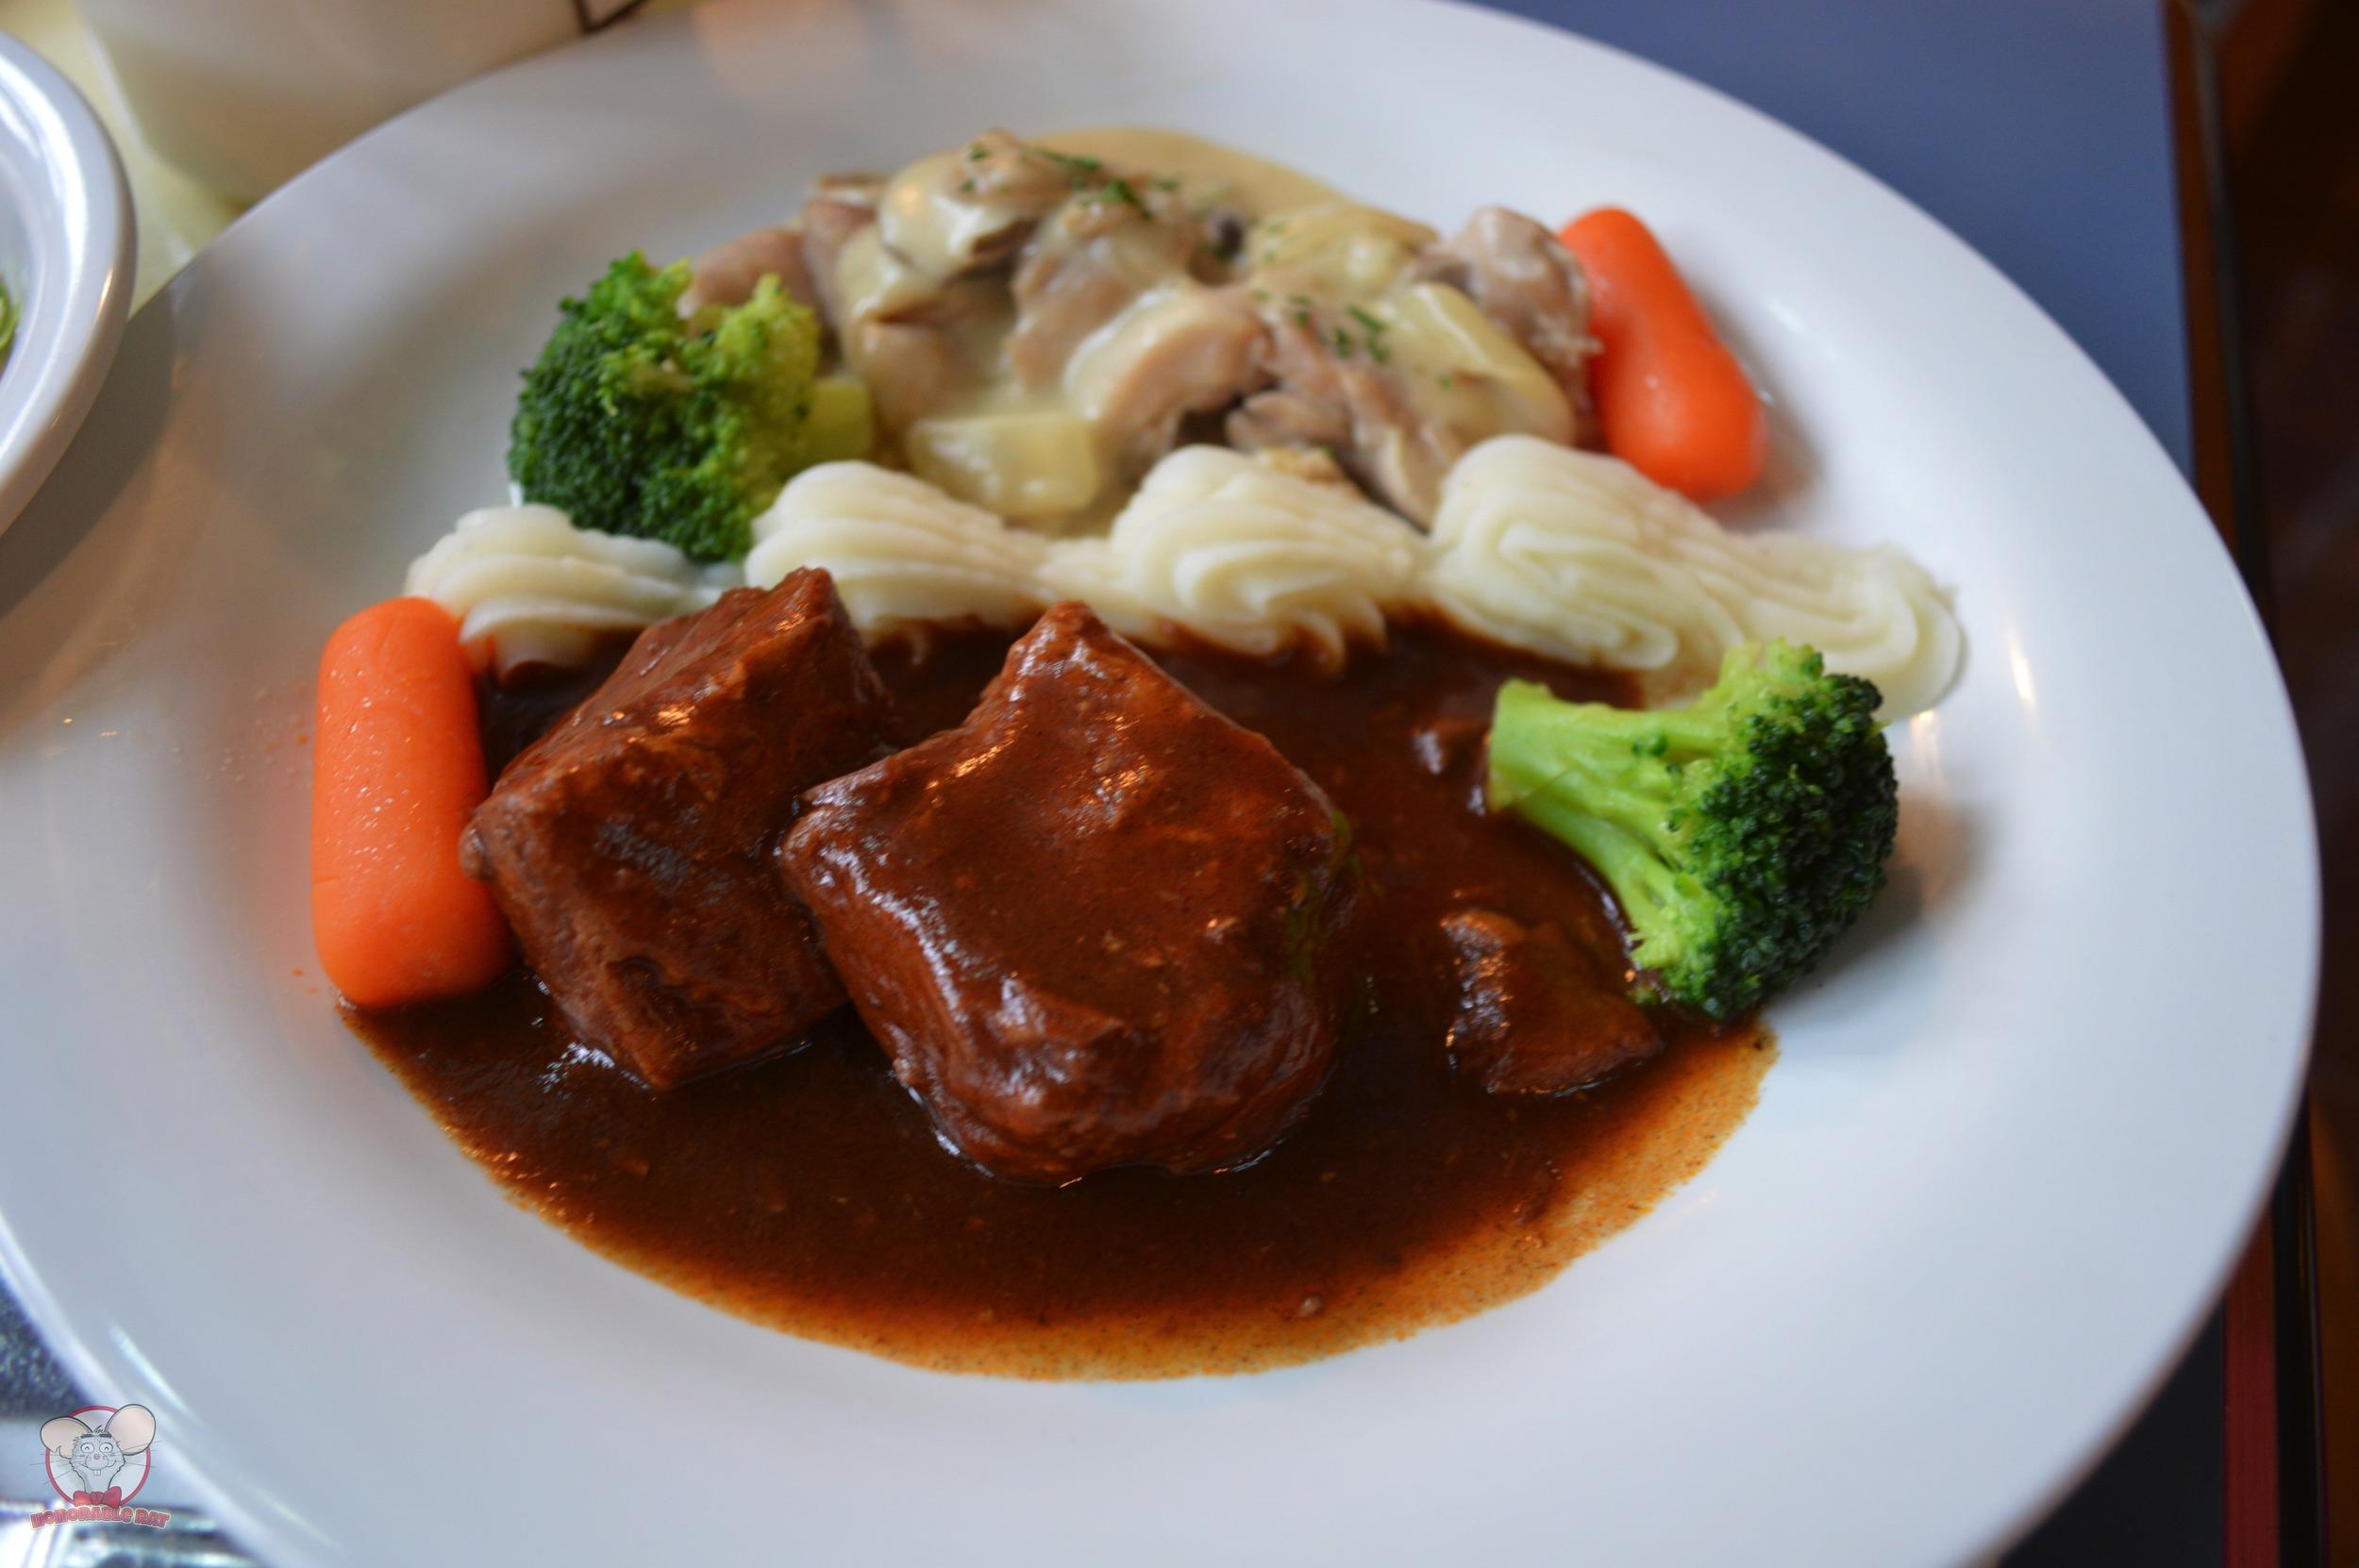 Braised Beef & Chicken in Cream Sauce